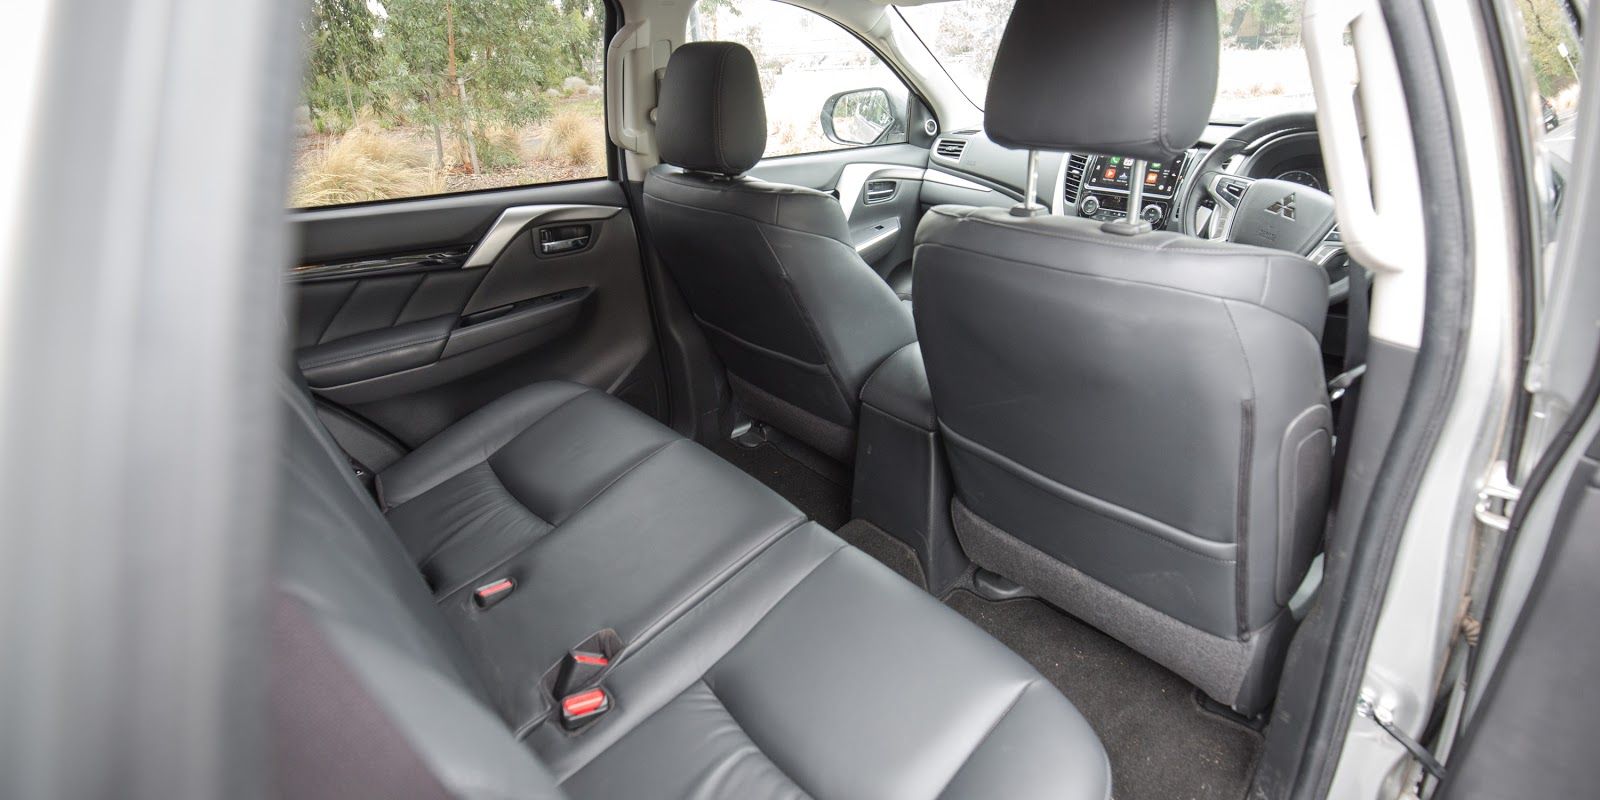 Đánh giá xe Mitsubishi Pajero Sport 2016